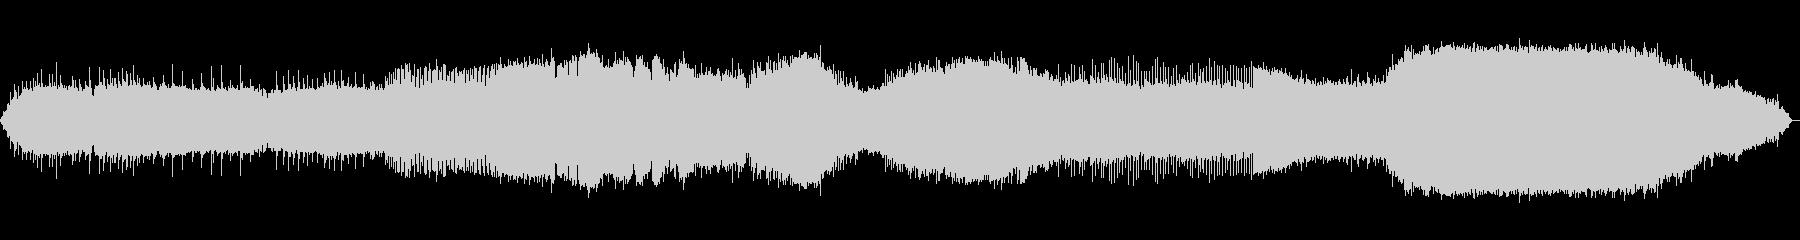 モジュラーシンセ風の電子音楽の未再生の波形